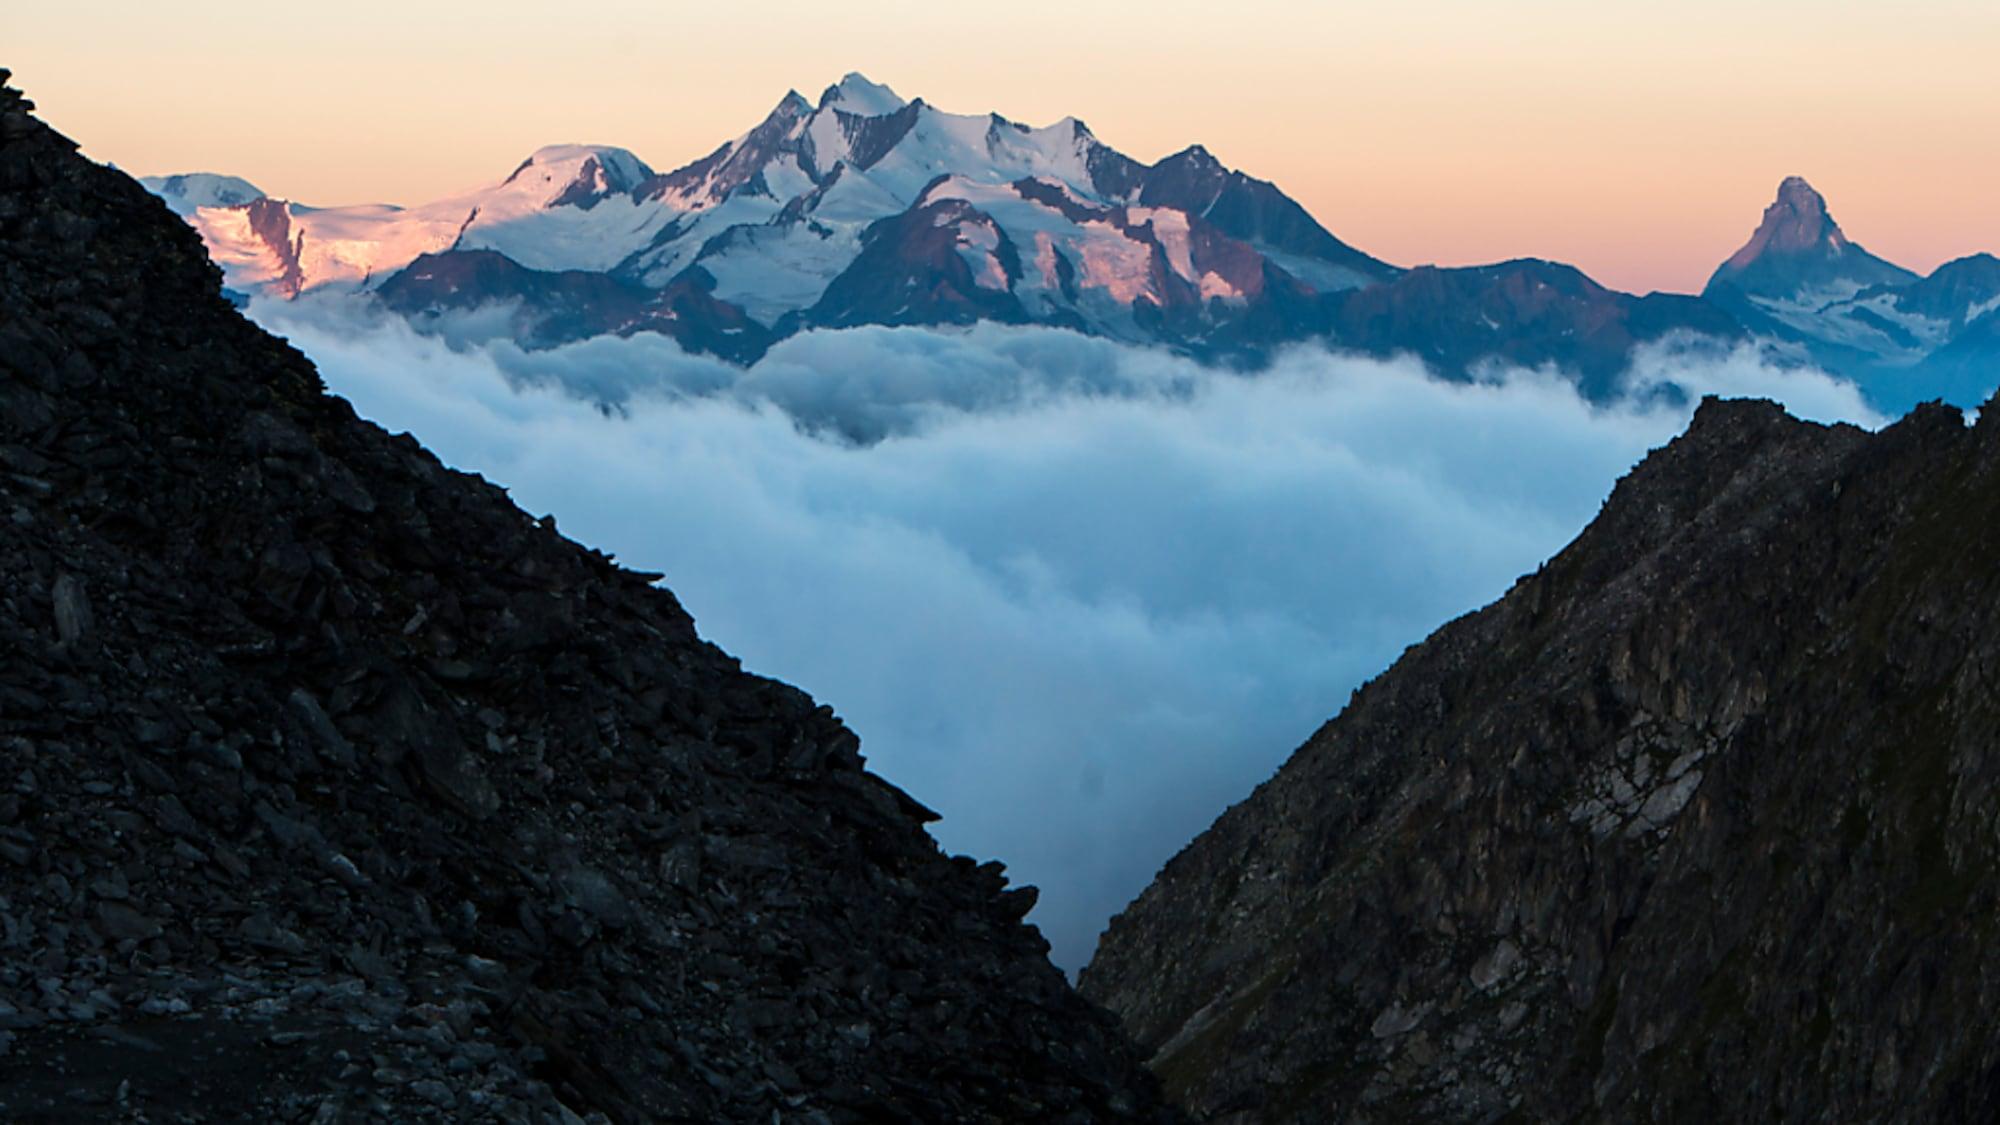 Bergunfall: Deutscher Alpinist stürzt beim Aufstieg zum Alphubel in den Tod